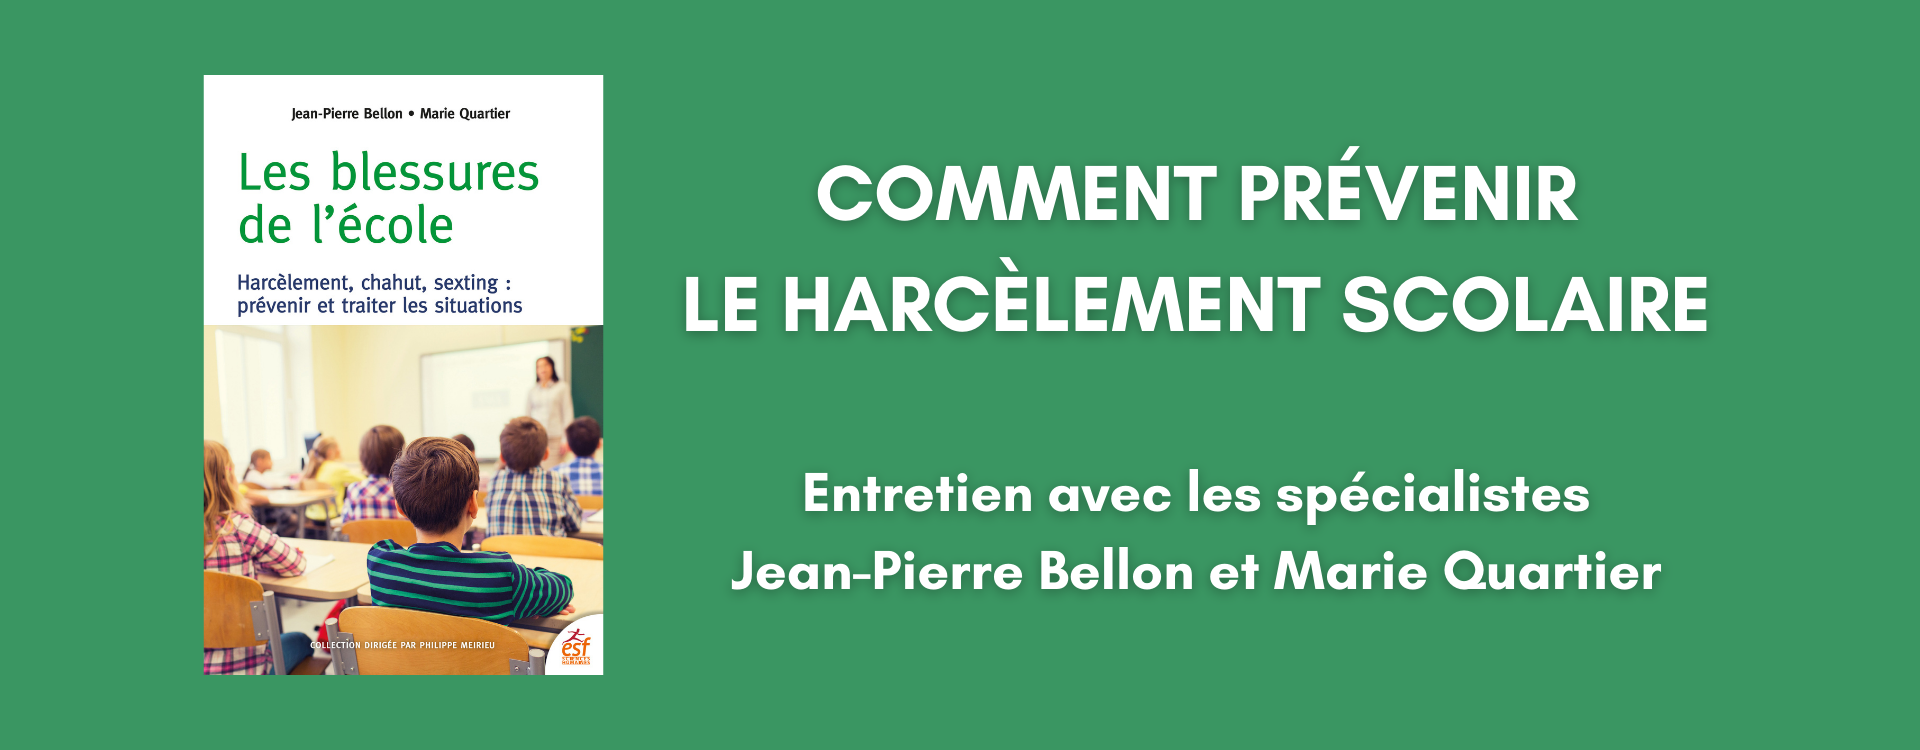 Harcèlement scolaire : entretien avec Jean-Pierre Bellon et Marie Quartier